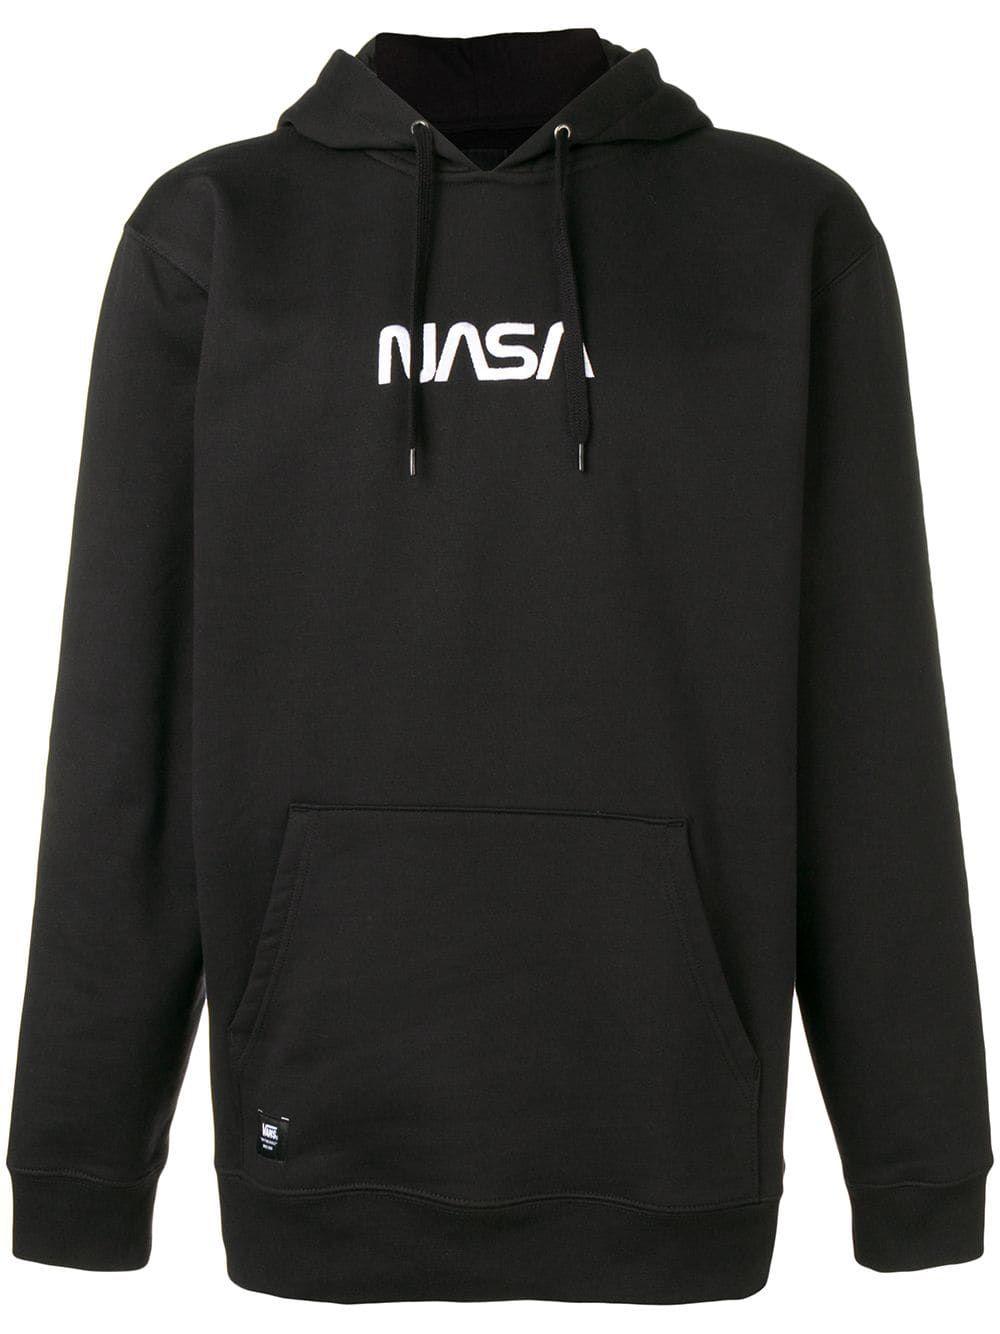 b0305fca6 VANS VANS X NASA HOODIE - BLACK. #vans #cloth   Vans in 2019   Nasa ...